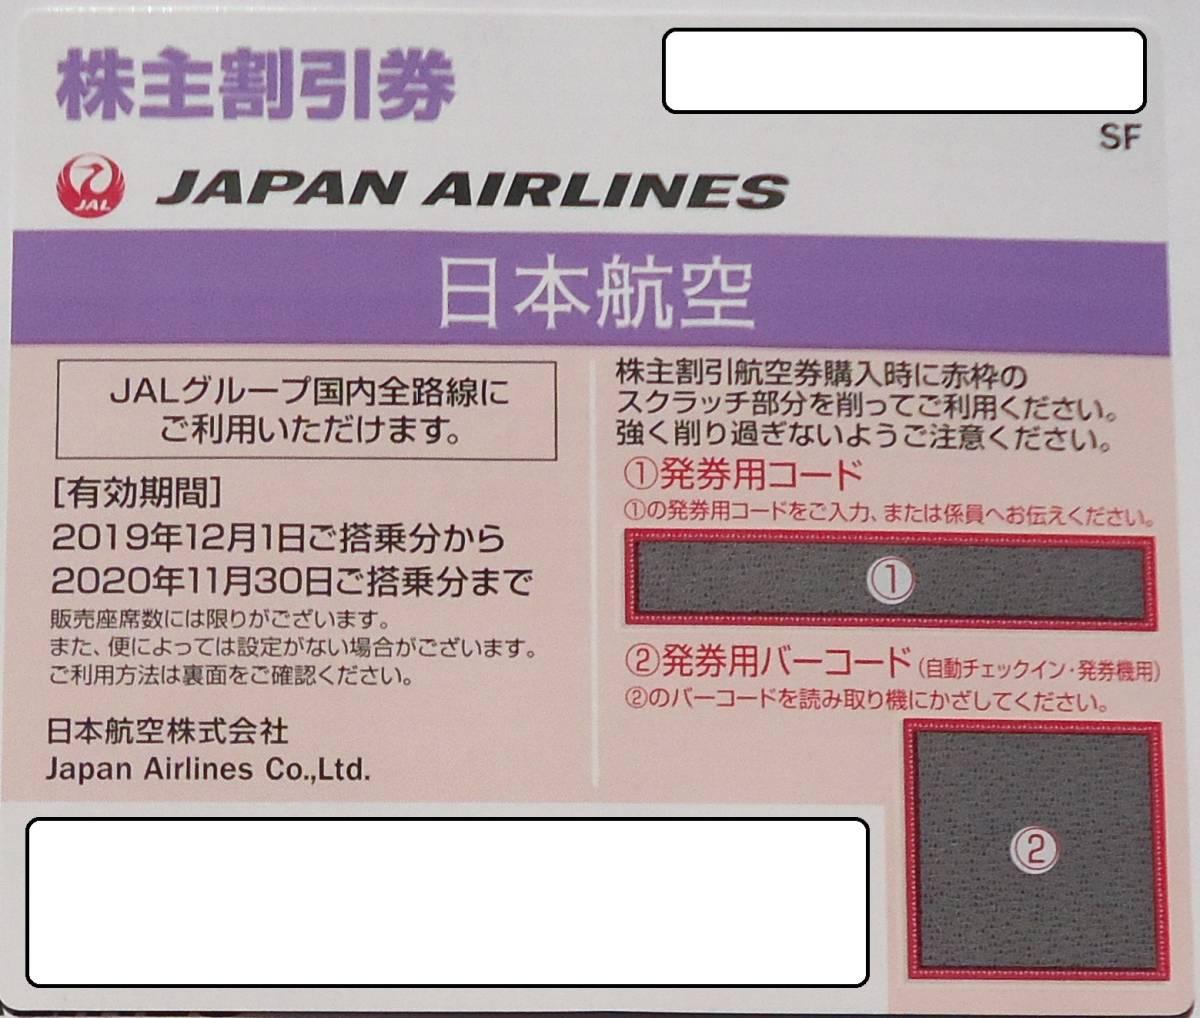 JAL 日本航空 株主優待券 1枚 50% 片道航空券割引 2021年5月31日迄延長 ★送料込 パスワード通知可_画像1